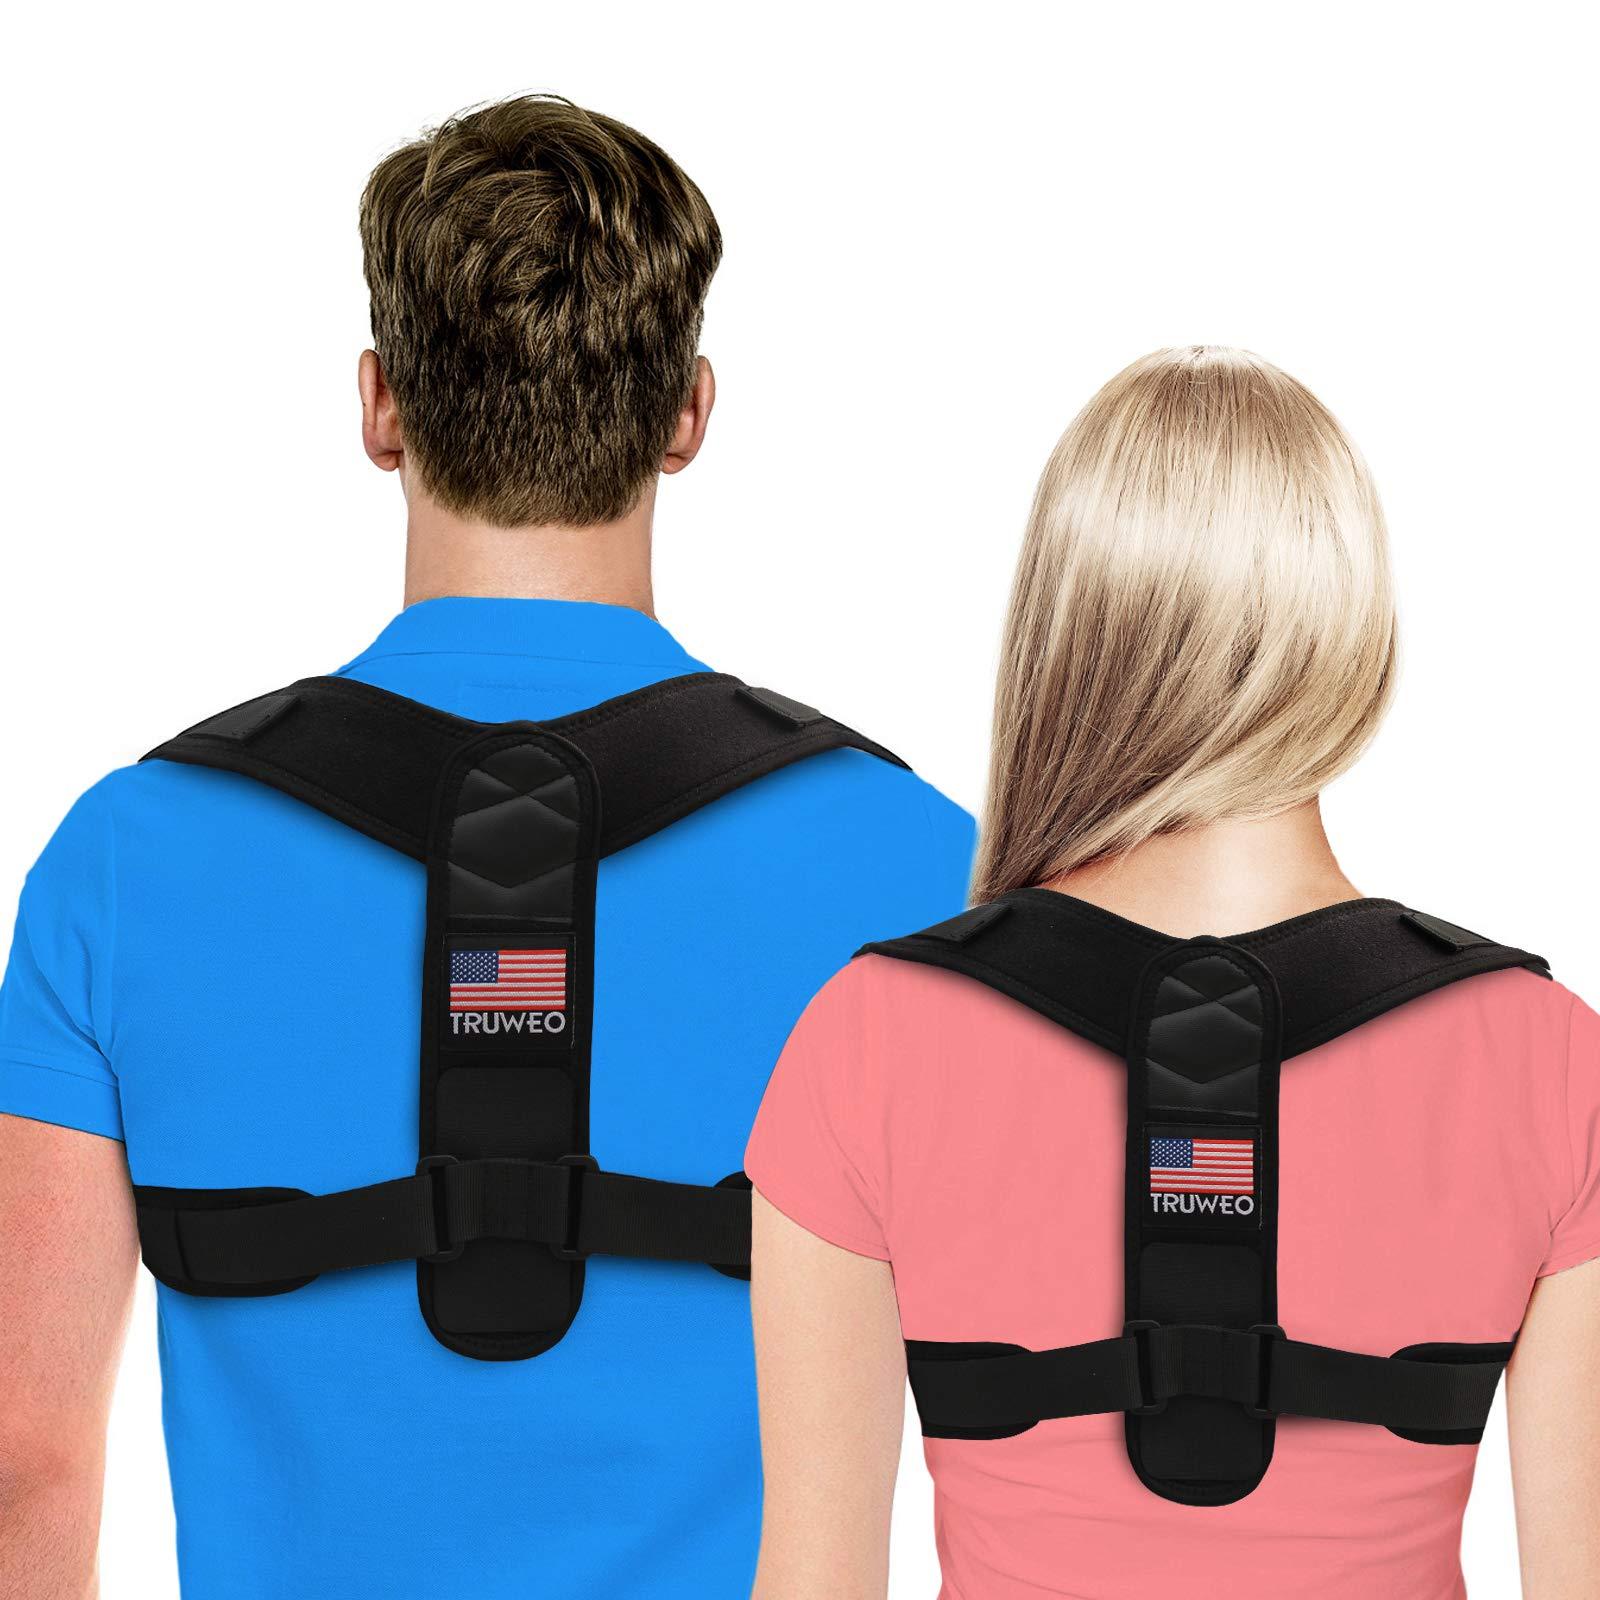 Truweo Adjustable Upper Back Brace